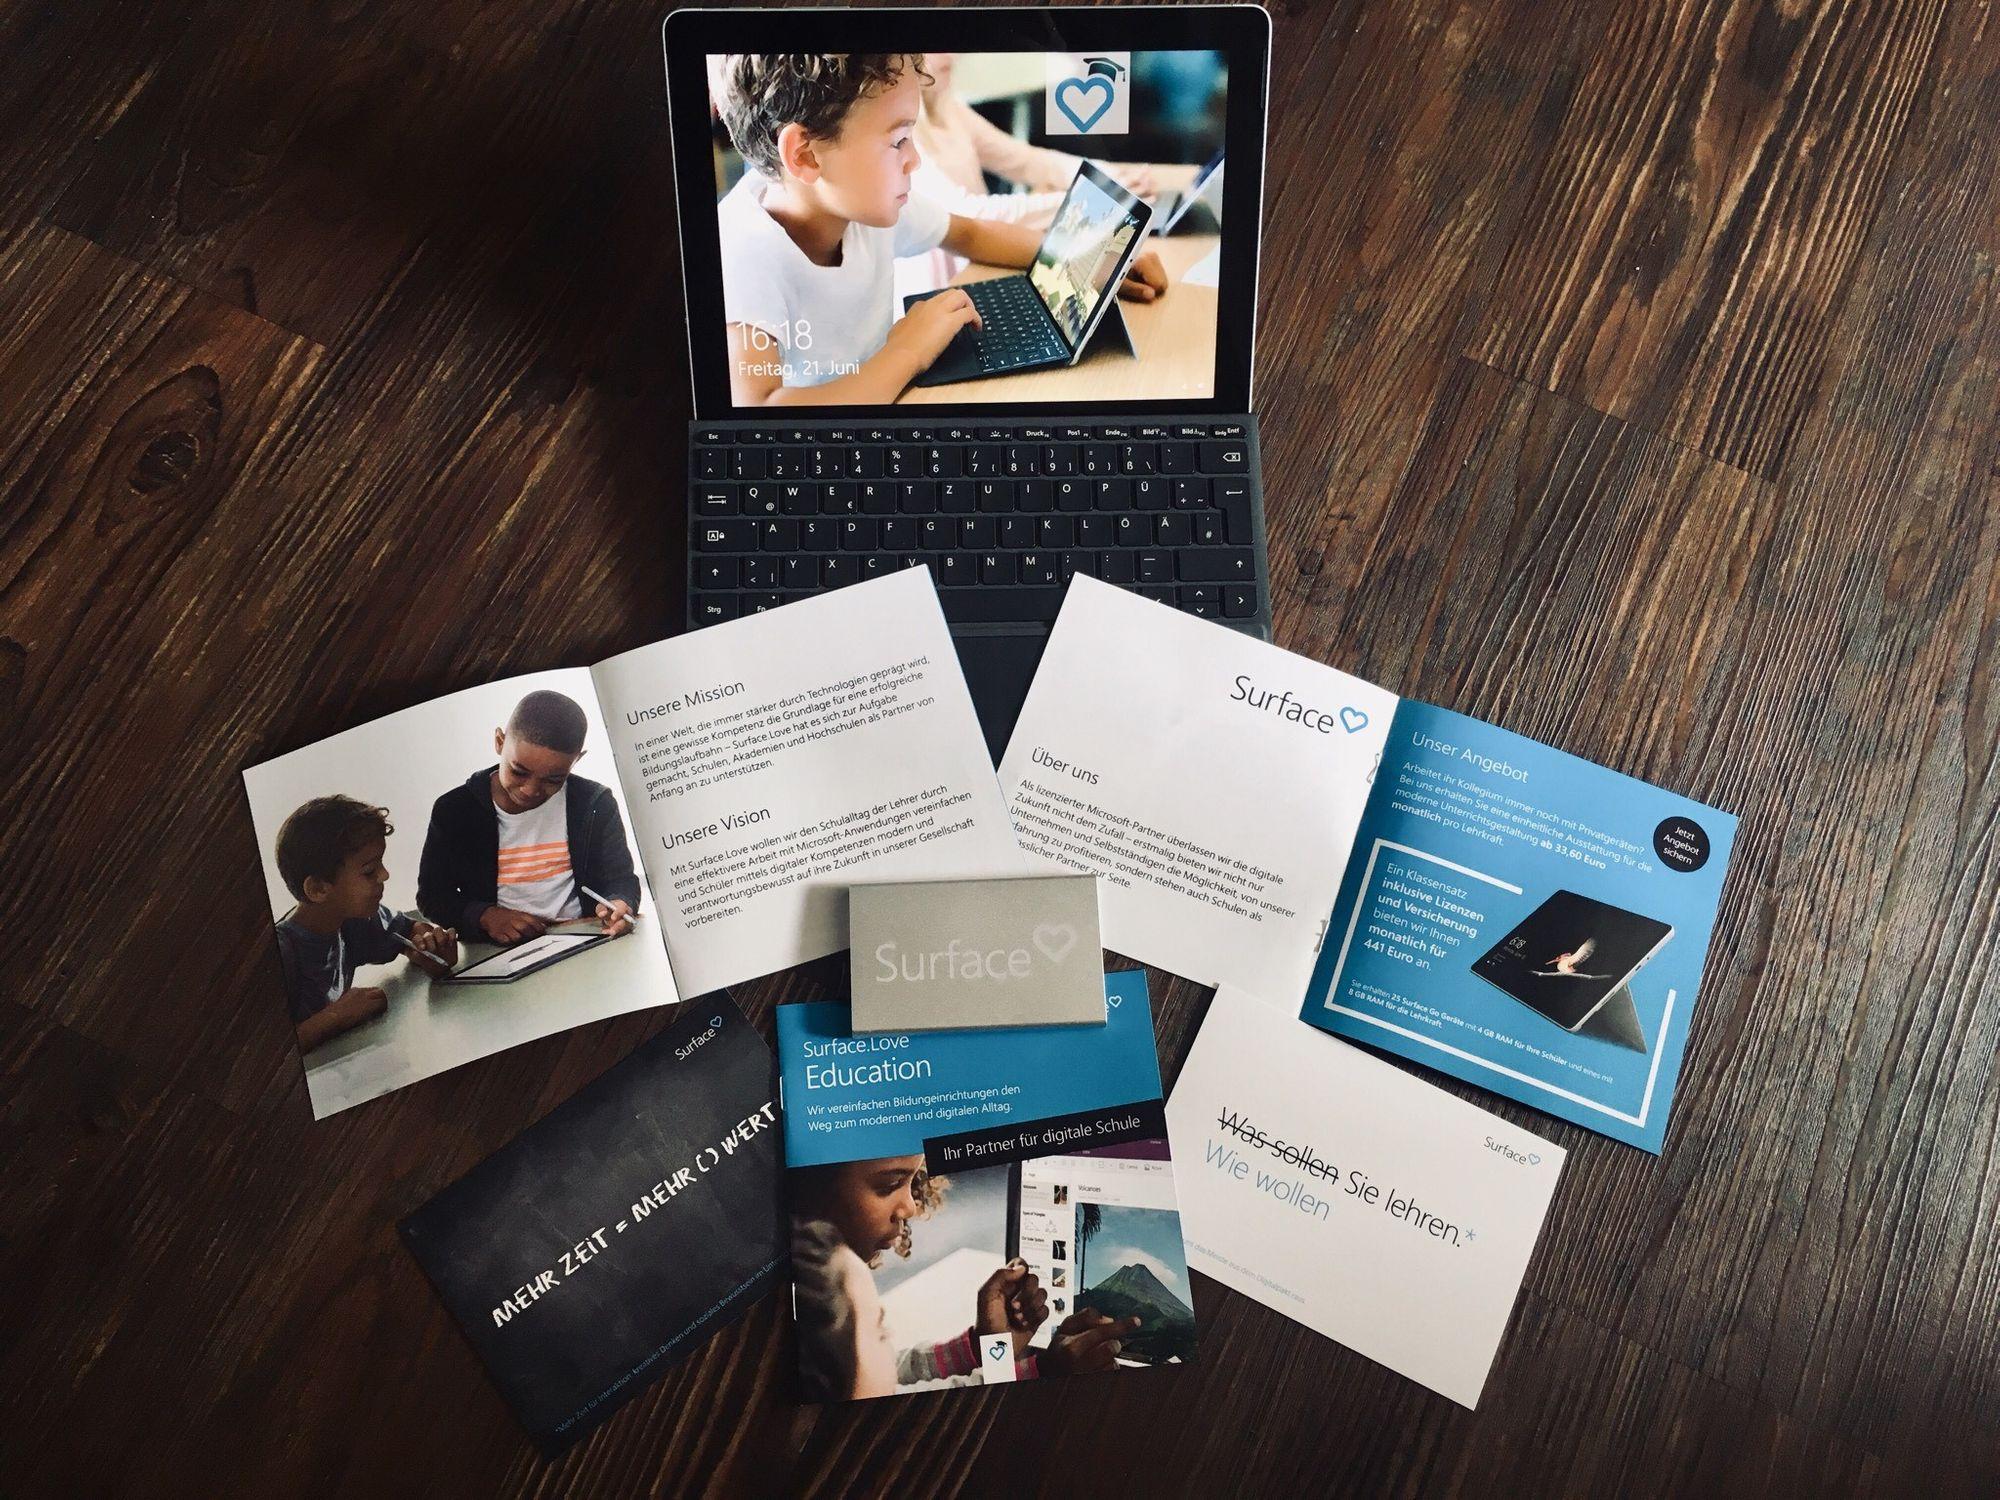 Verschiedene Marketingmaterialien wie Broschüren oder Karten sind erkennbar